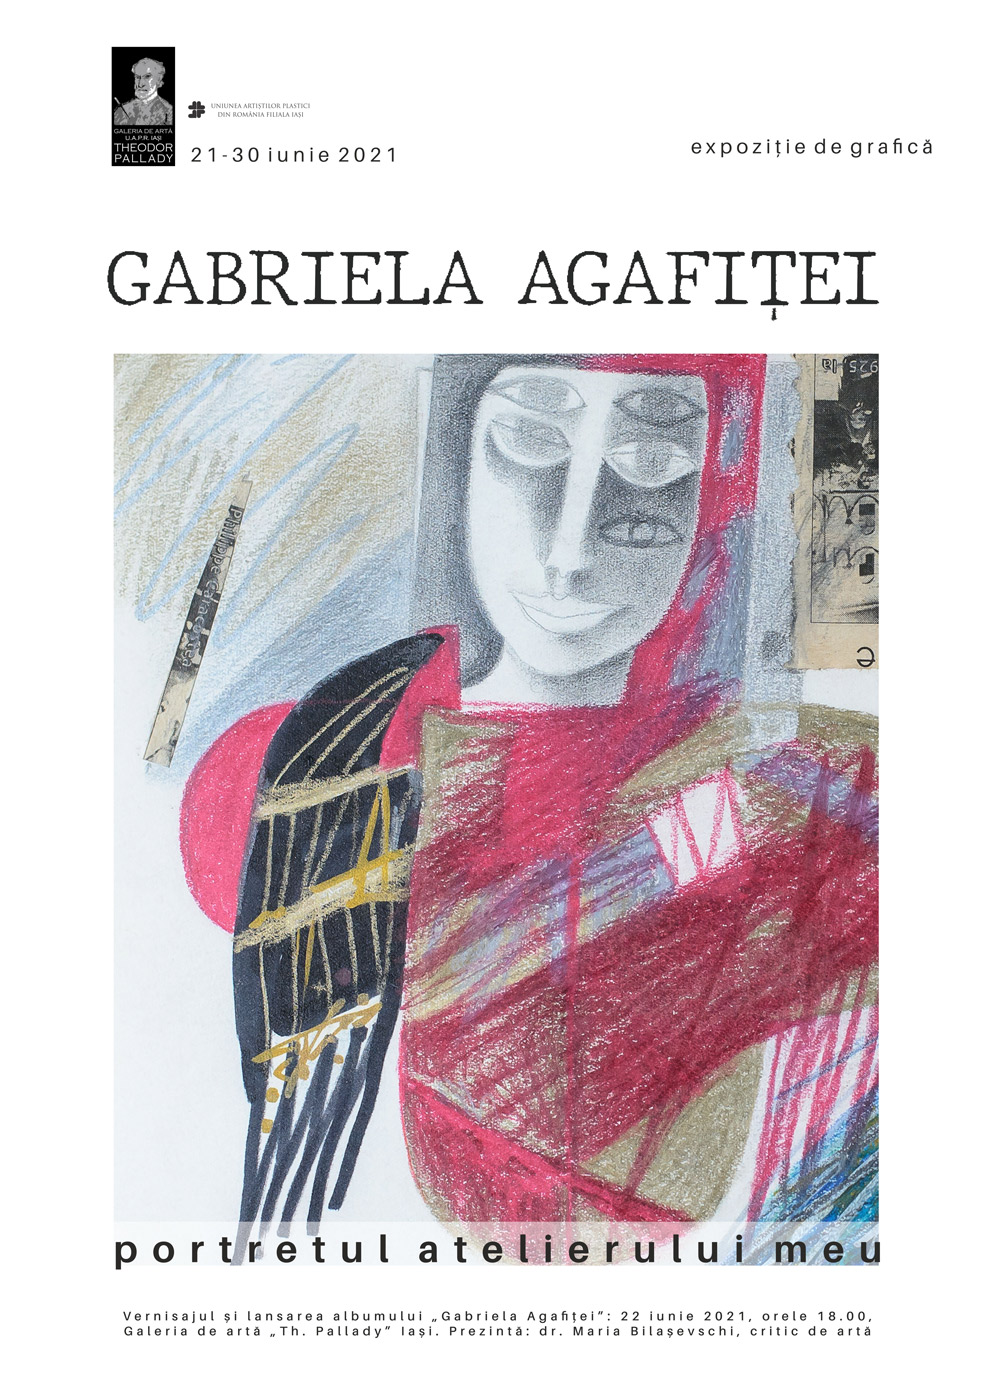 PORTRETUL ATELIERULUI MEU – Gabriela Agafiței